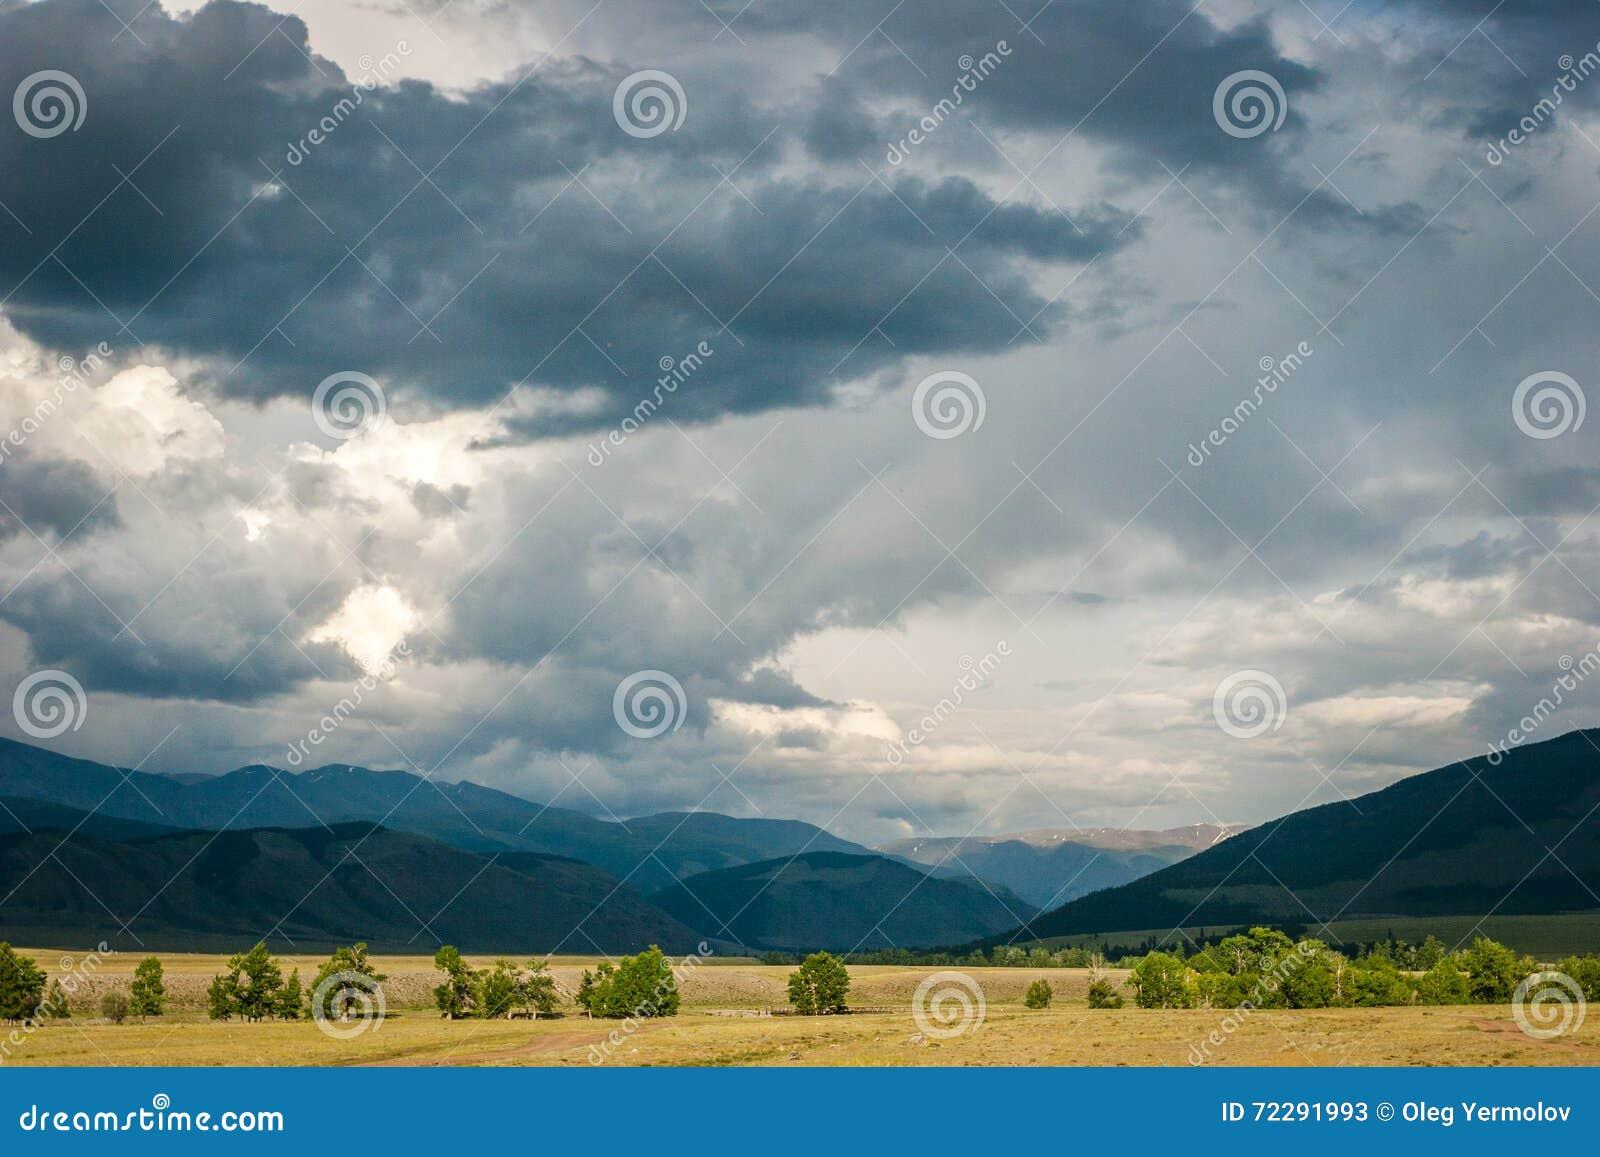 Download Бурные облака в небе стоковое изображение. изображение насчитывающей облака - 72291993